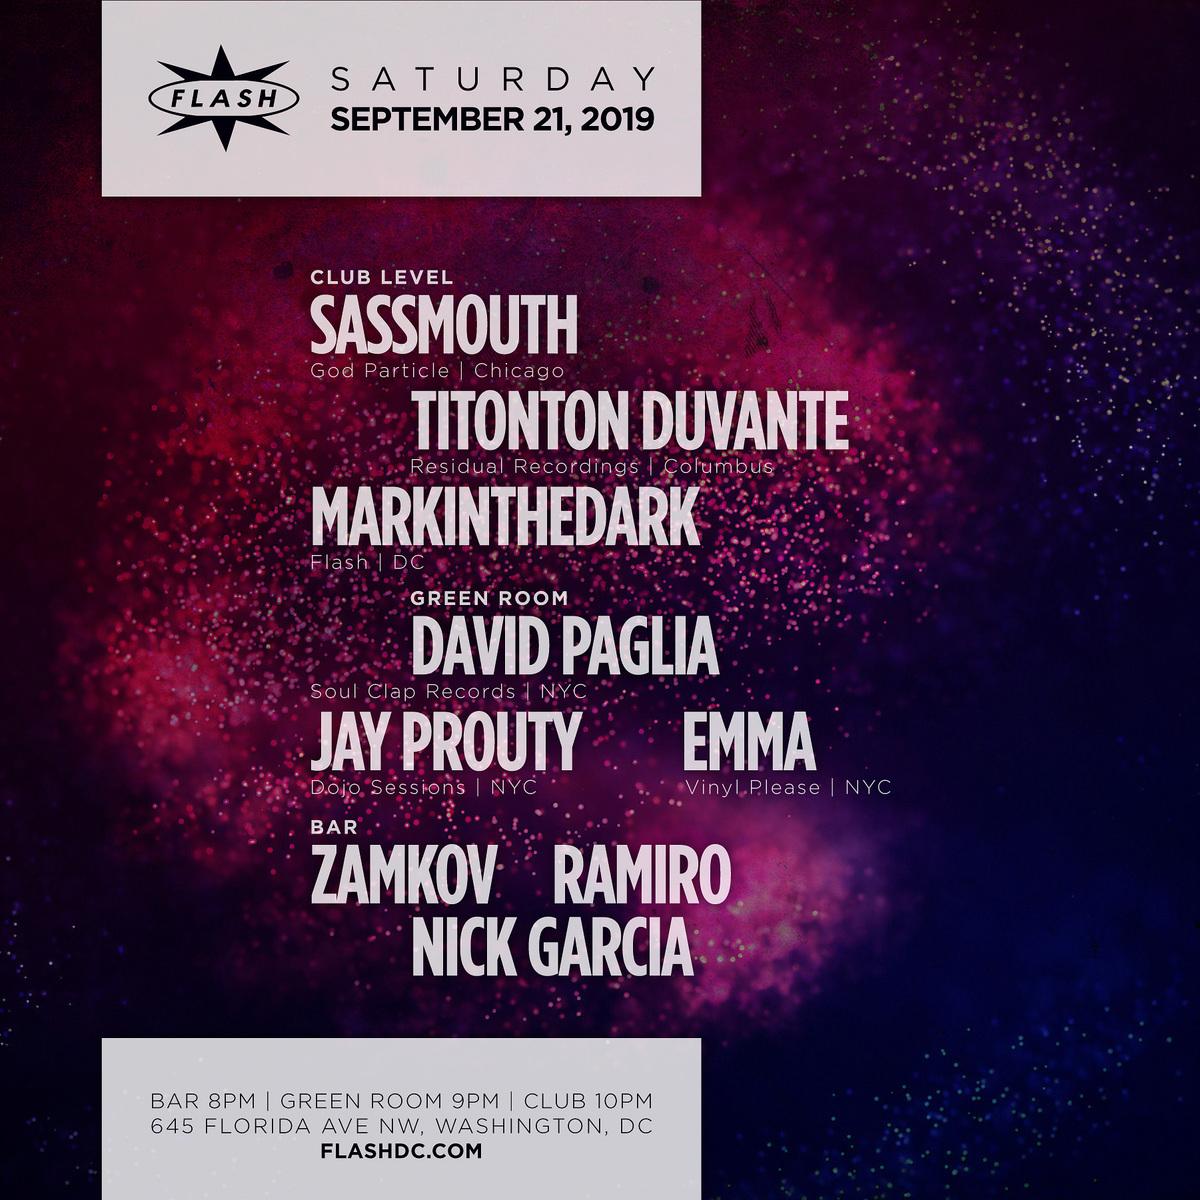 Sassmouth - Titonton Duvante event thumbnail